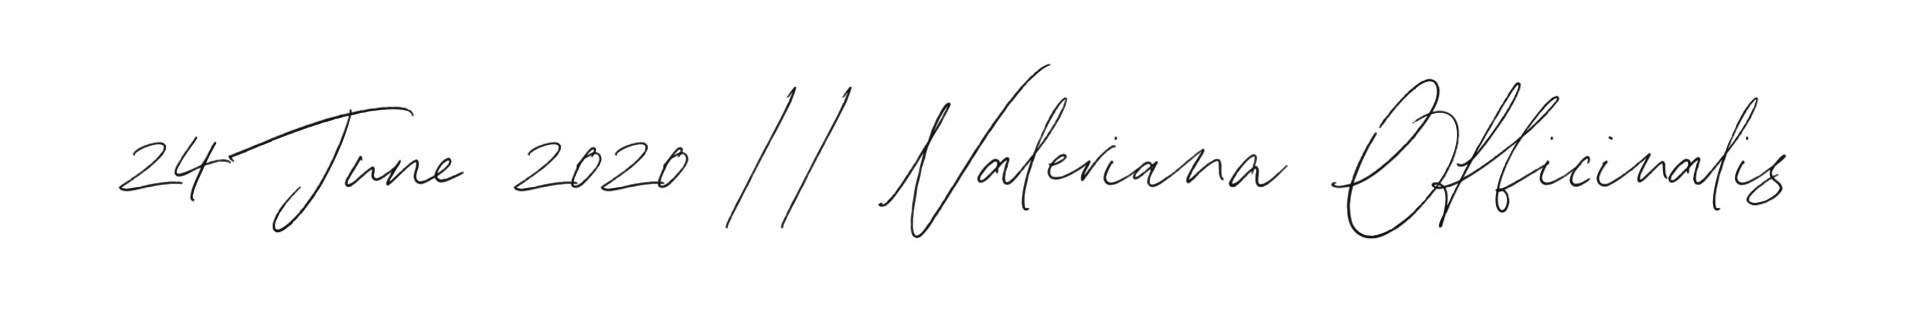 24 June 2020 // Valariana officinalis